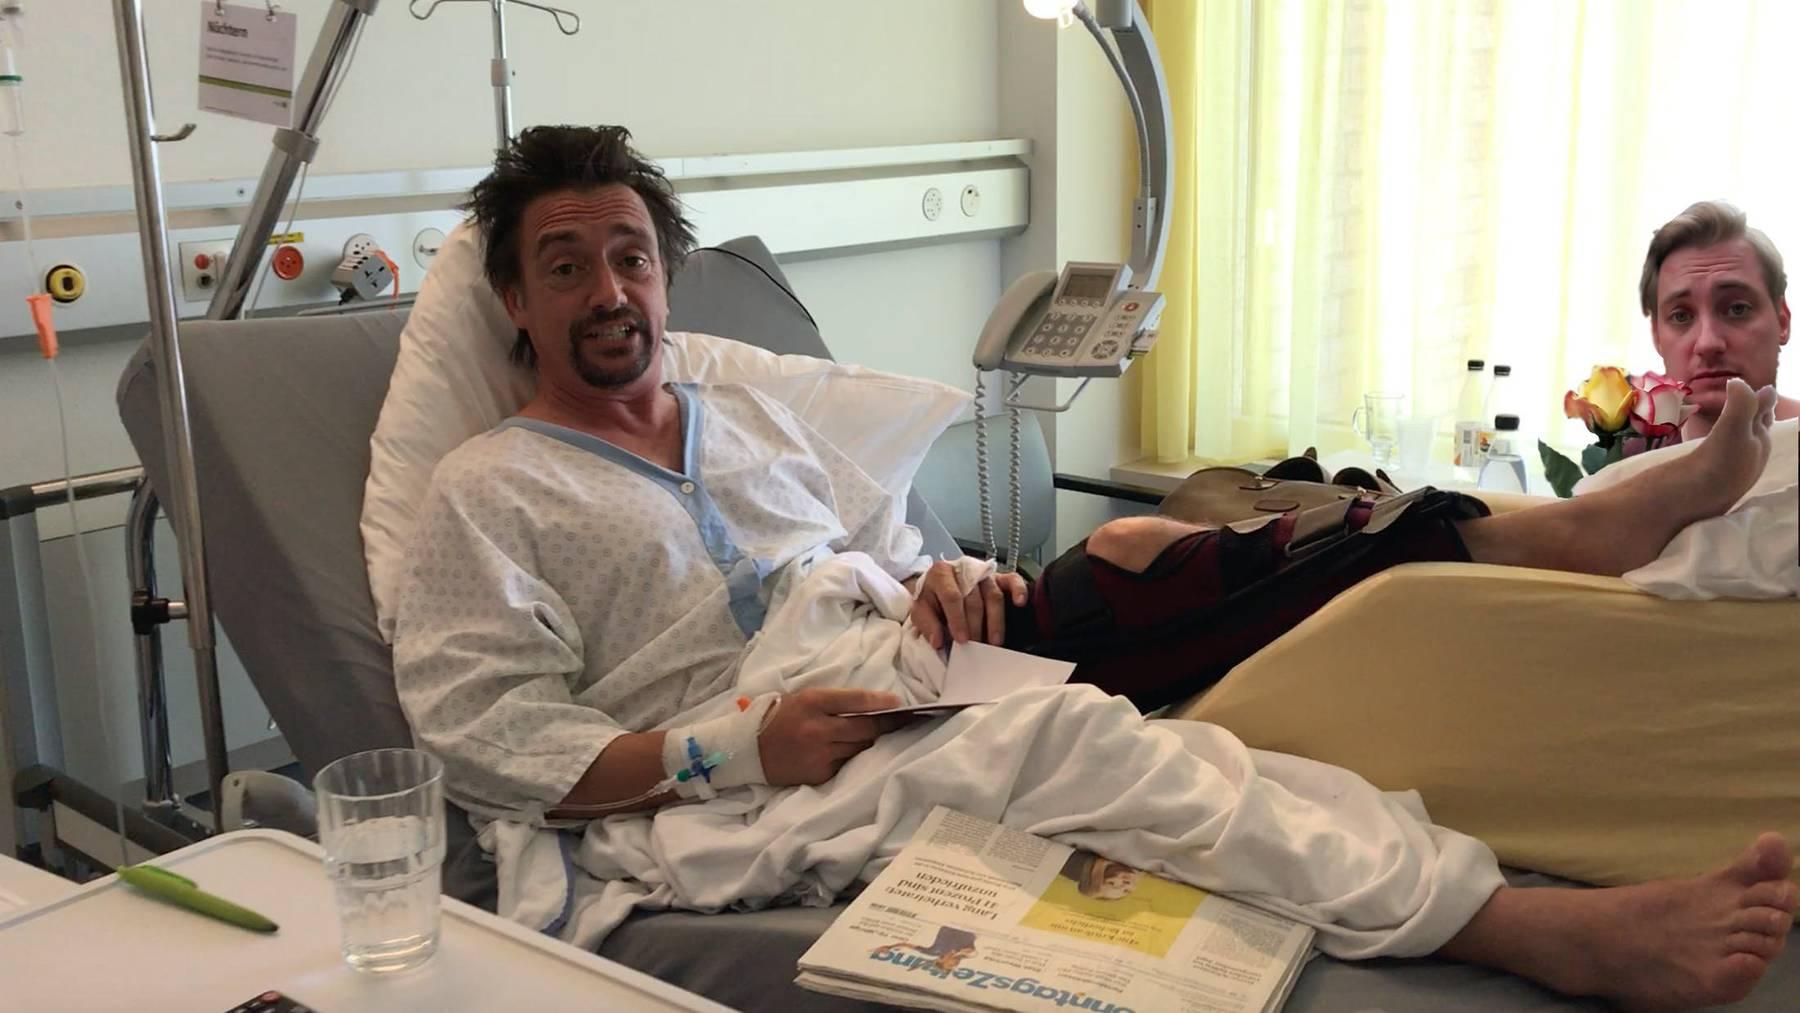 So weit kam ich leider nicht. Ich im Krankenzimmer von Richard Hammond.